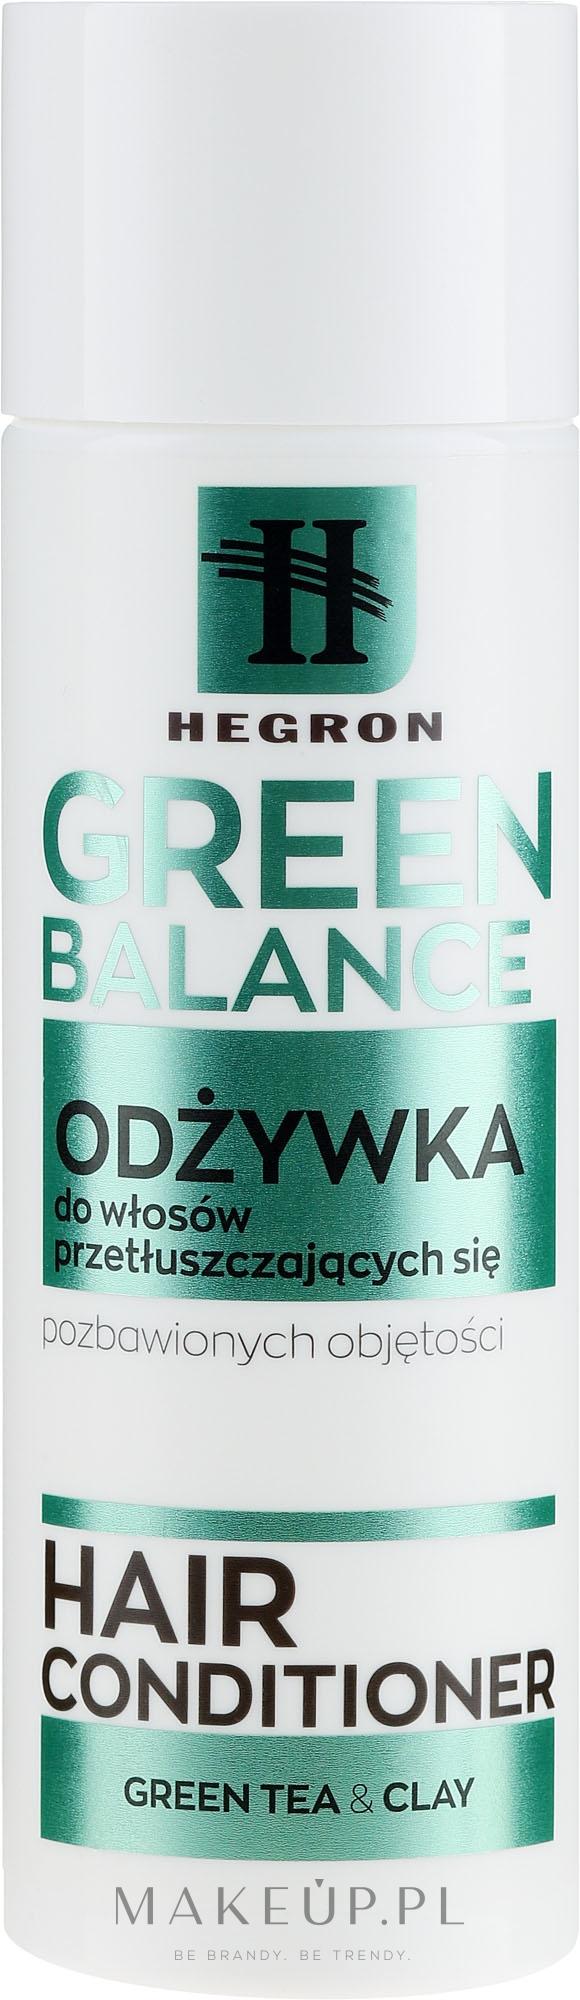 Odżywka do włosów przetłuszczających się i pozbawionych objętości - Hegron Green Balance Hair Conditioner — фото 180 ml